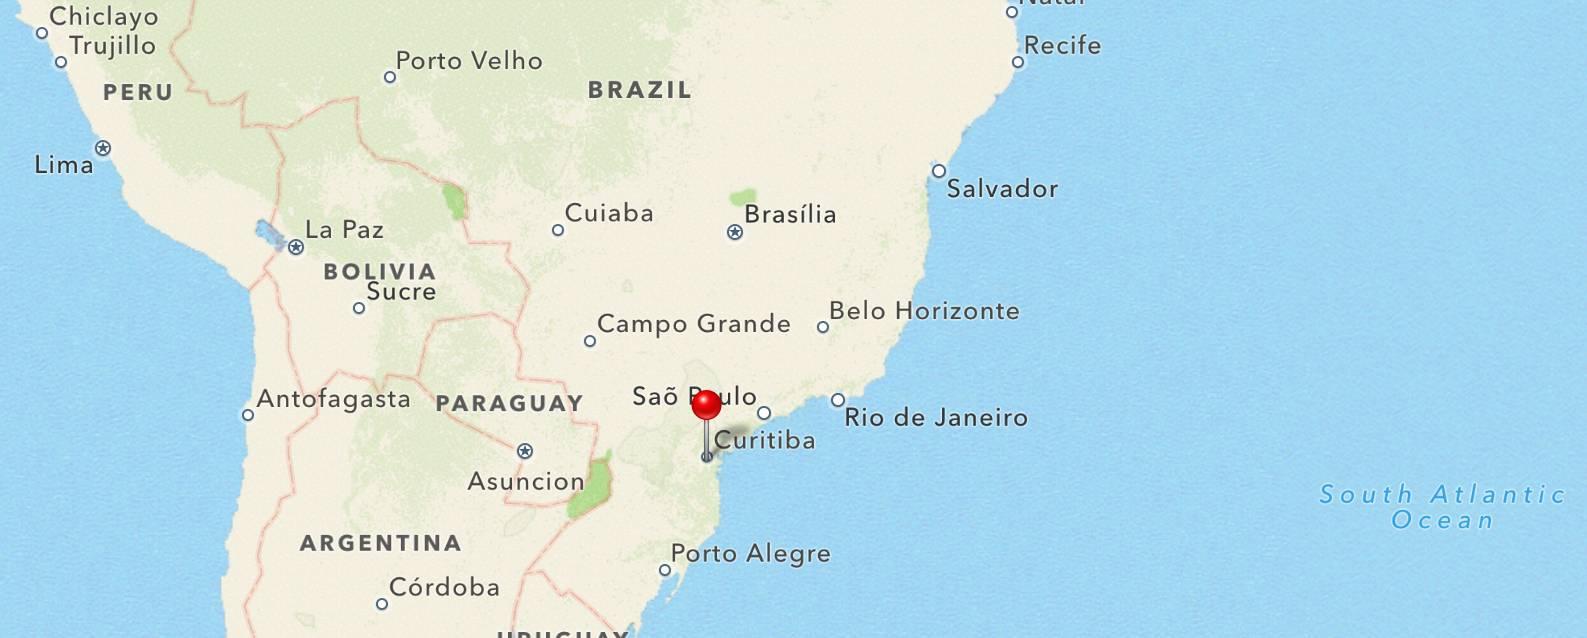 Brasil curitiba 2015-2016